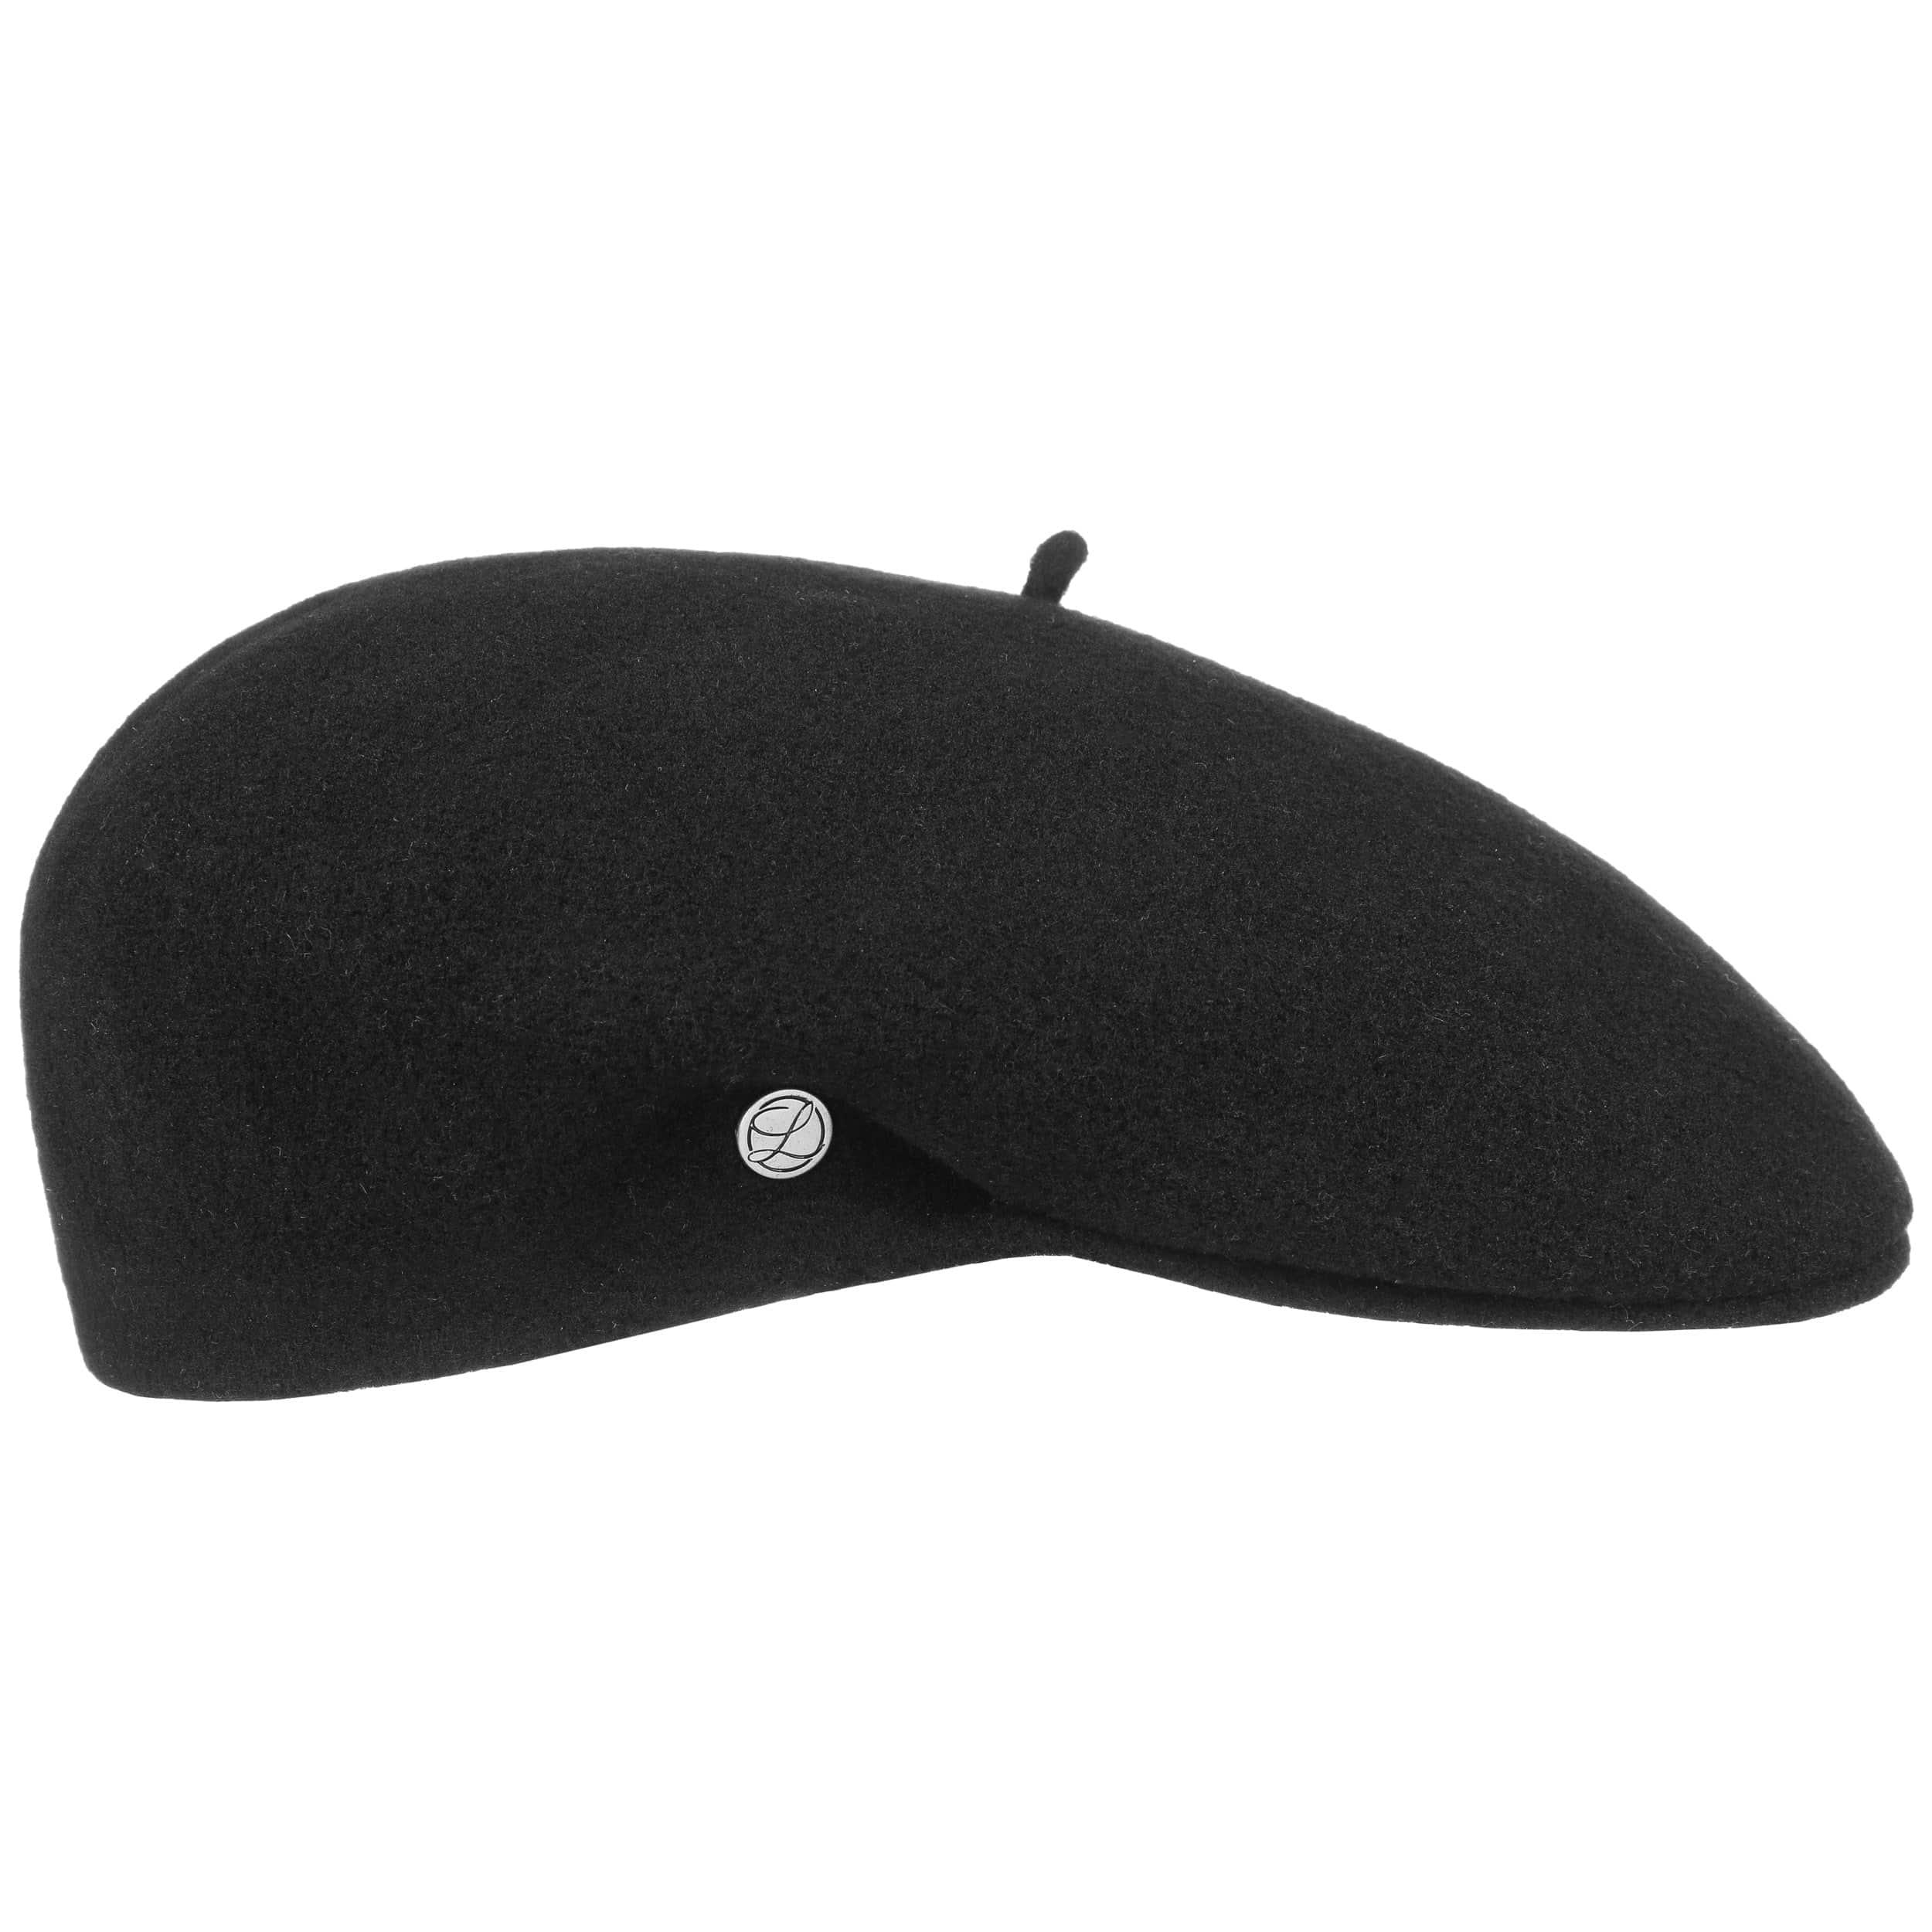 Lyon Beret Flat Cap by Héritage par Laulhère 51660aa2716